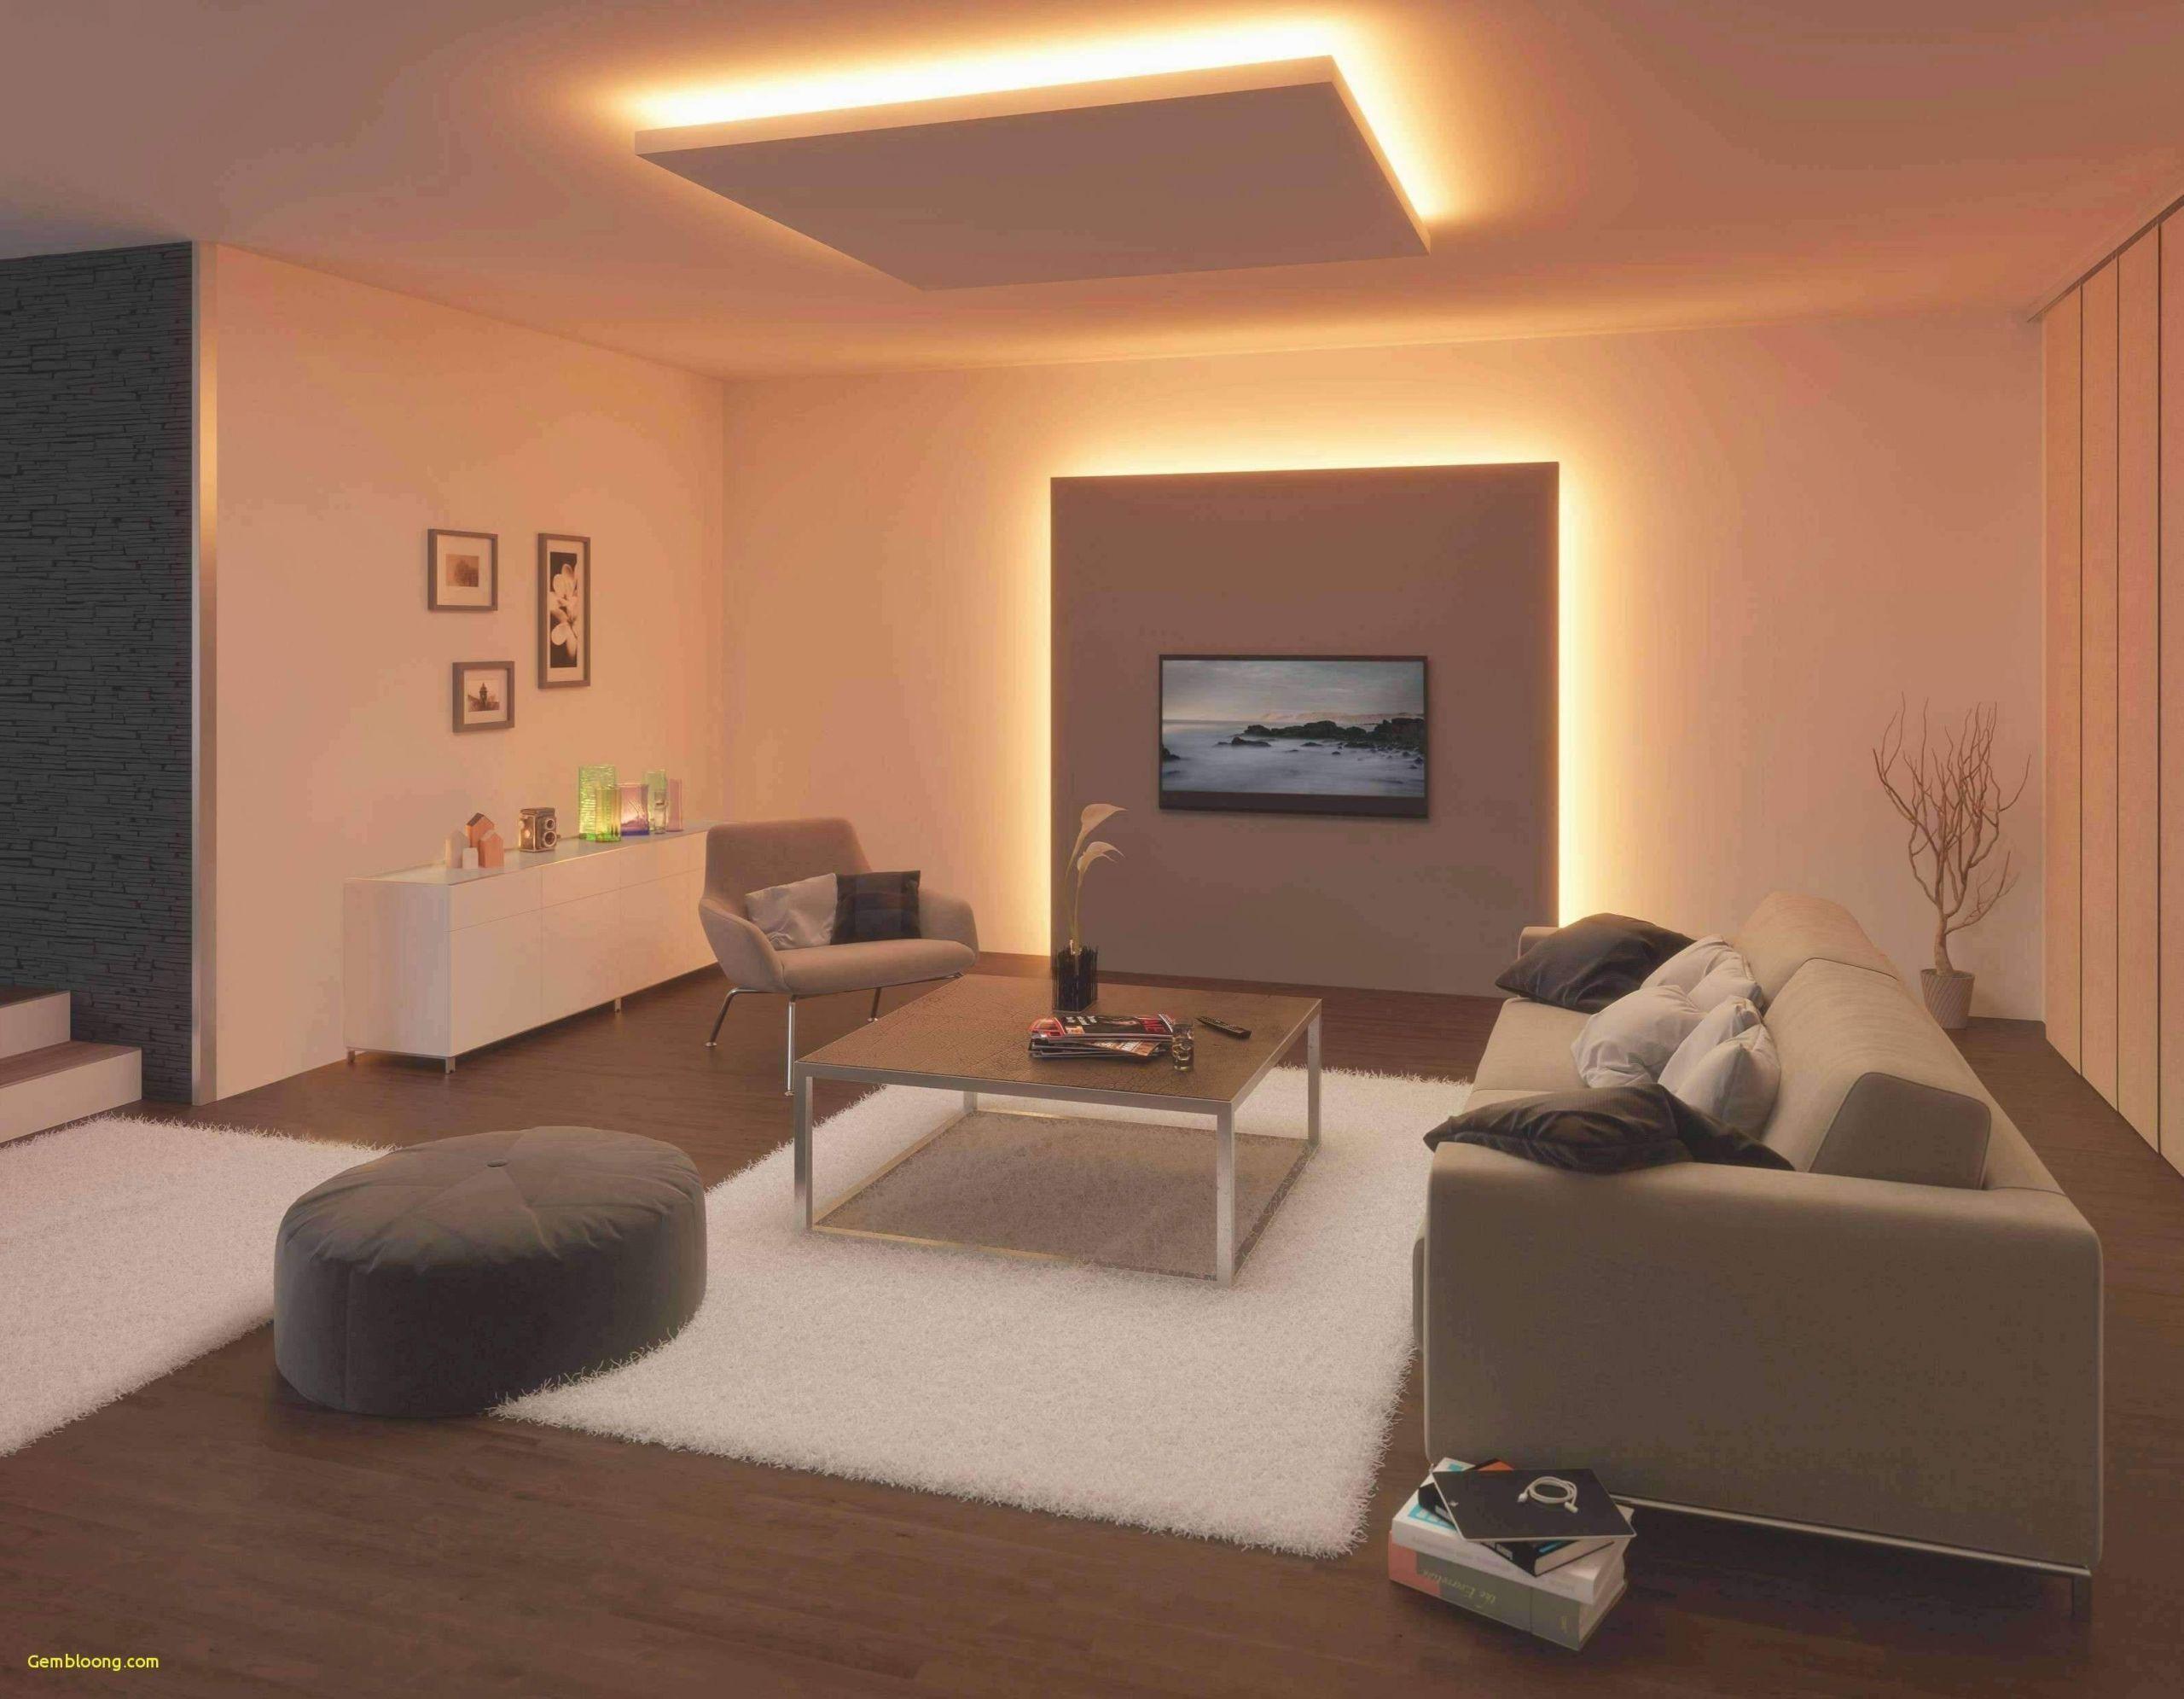 wohnzimmer industrial frisch wohnzimmer deko zum selber machen inspirierend of wohnzimmer industrial